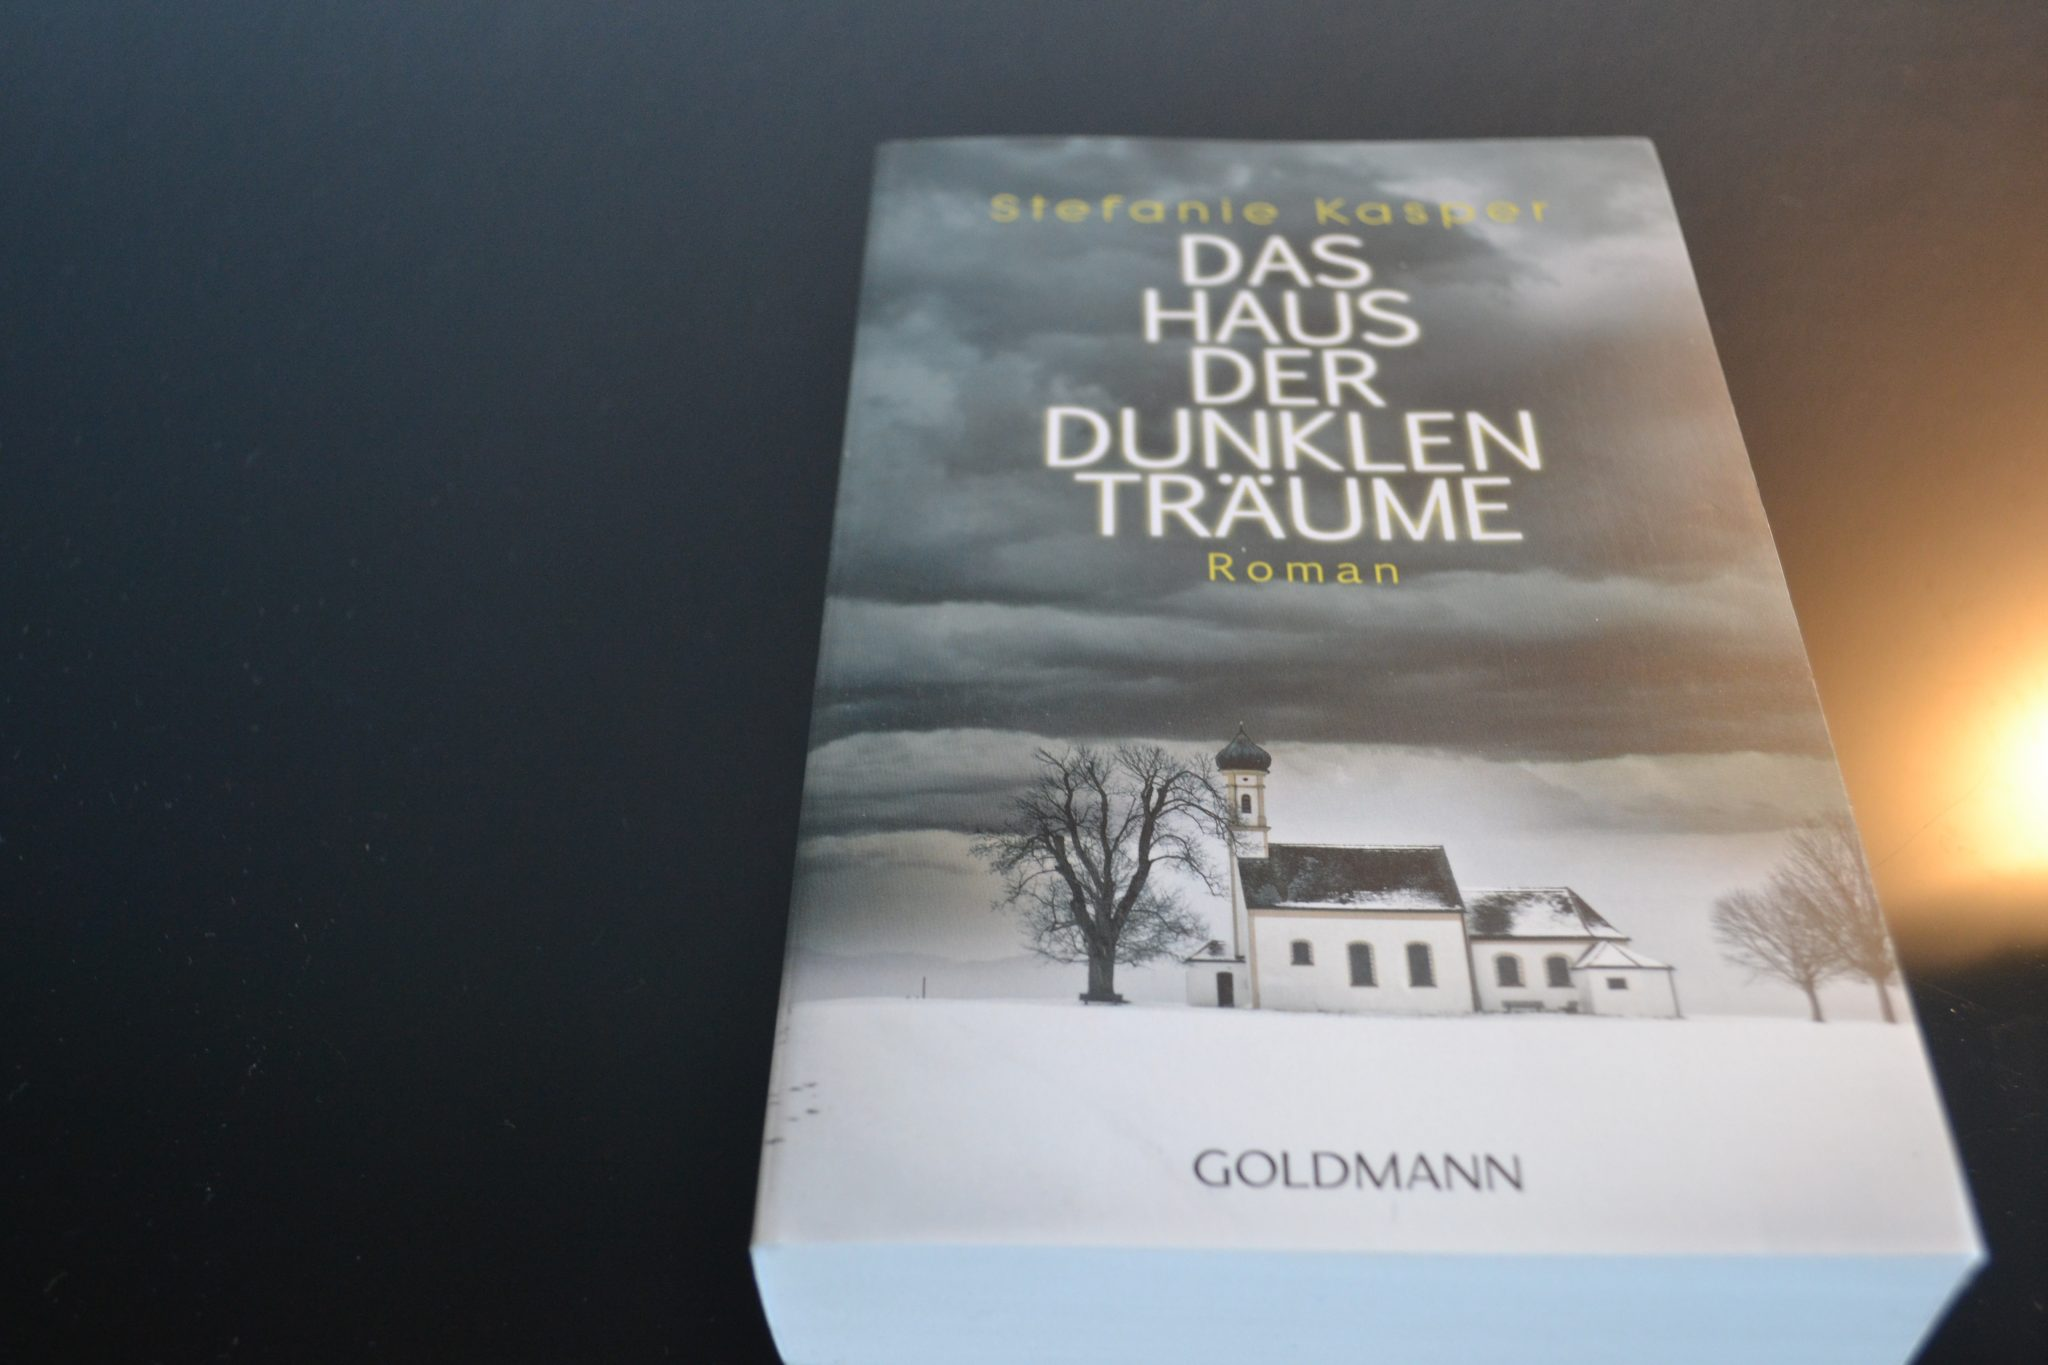 Books: Das Haus der dunklen Träume | Stefanie Kasper - DSC 0015